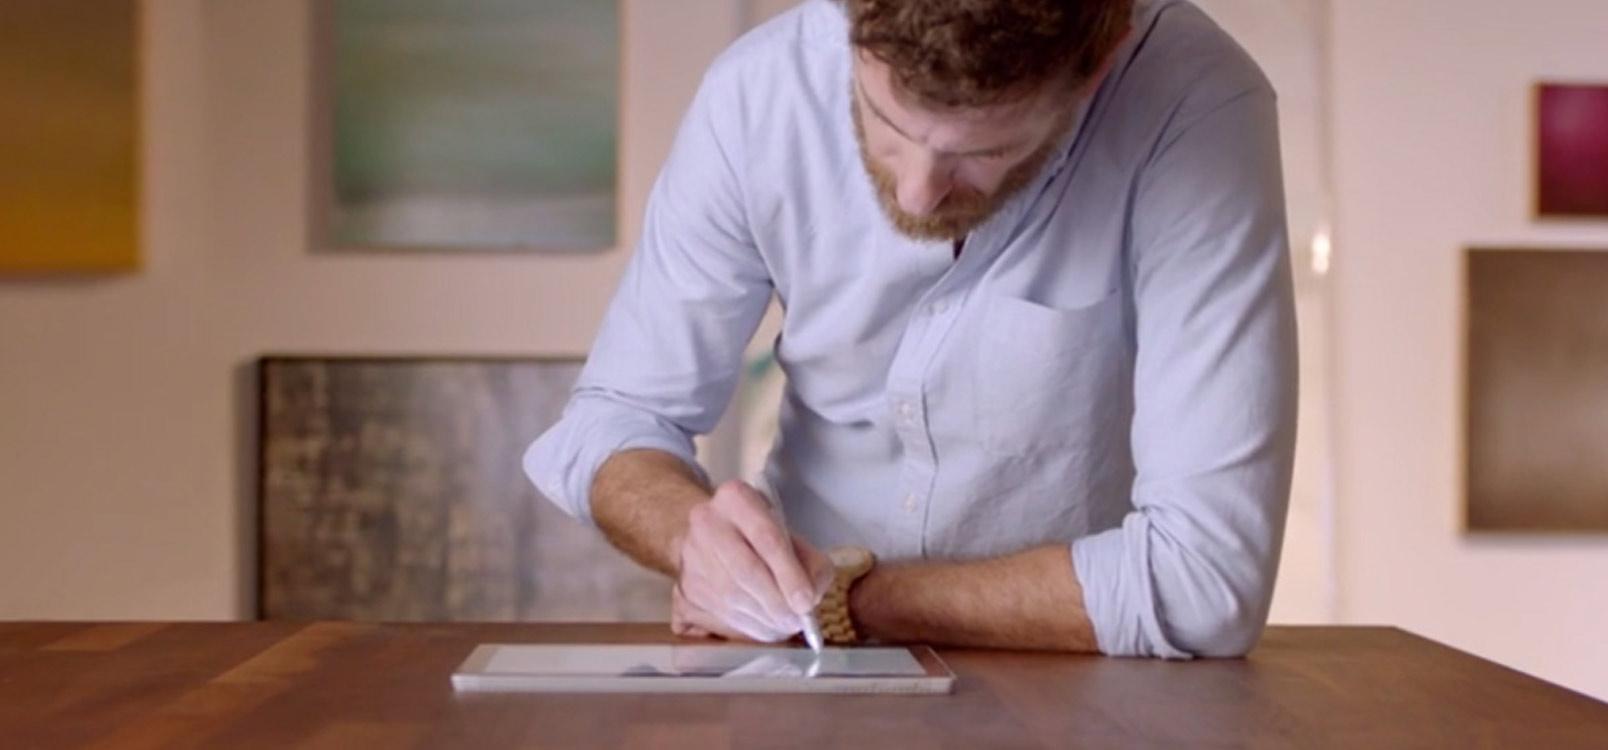 Dos personas mirando la pantalla de un teléfono; obtén información sobre cómo colaborar con otros usuarios en Office